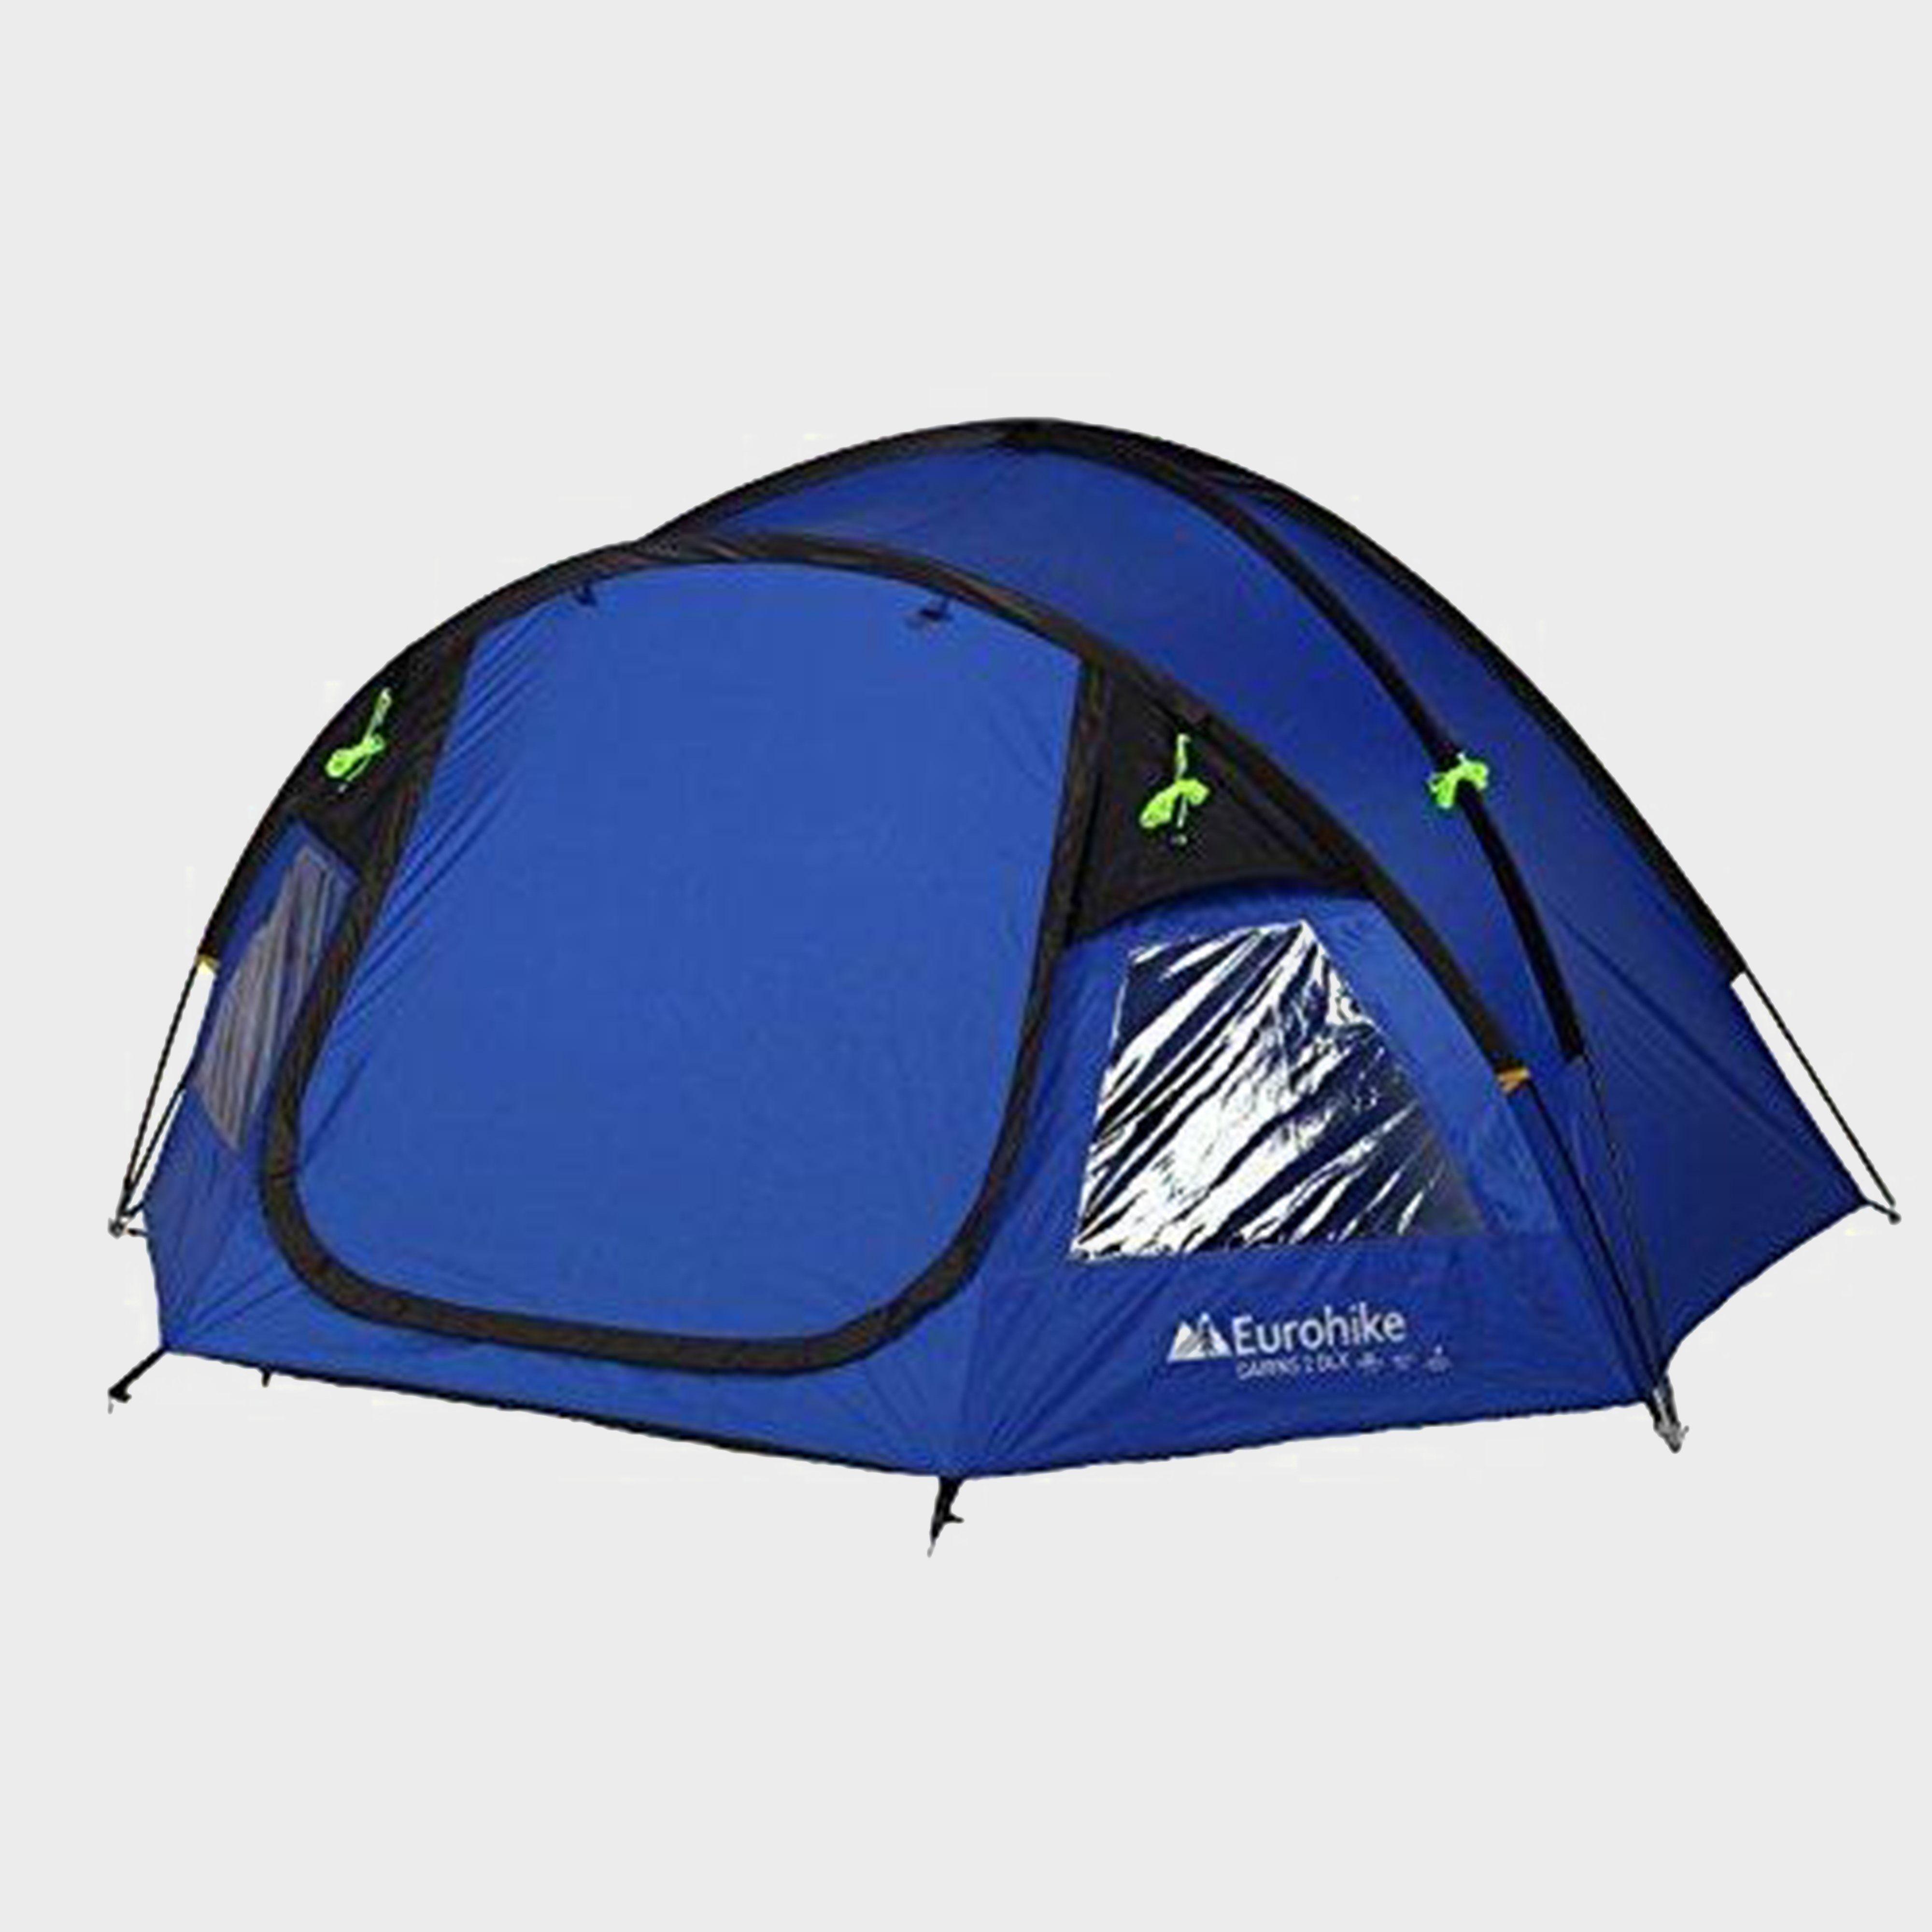 EUROHIKE Cairns DLX 2 Man Tent